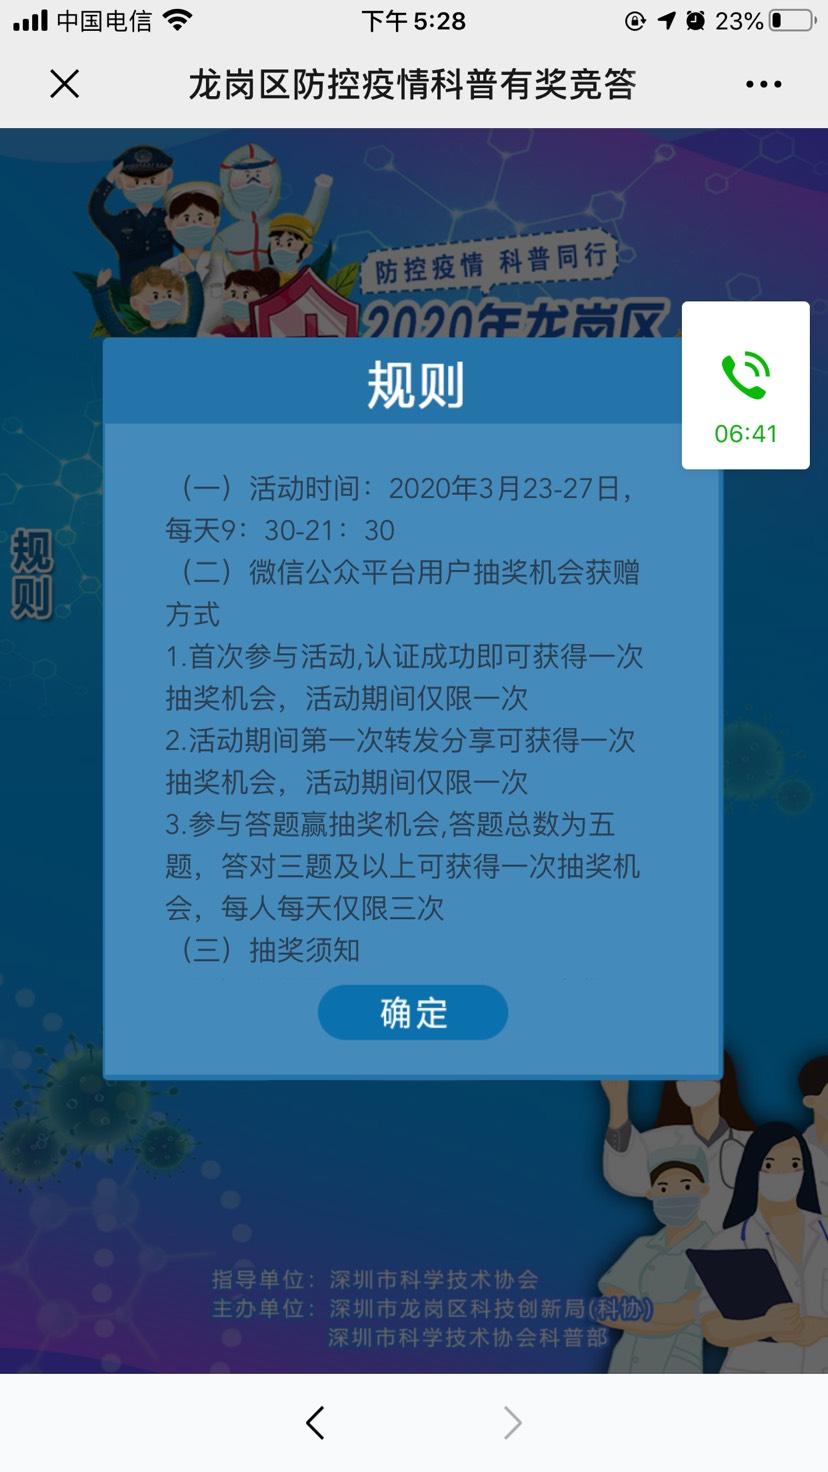 线报-「现金红包」龙岗区科技抽红包-惠小助(52huixz.com)